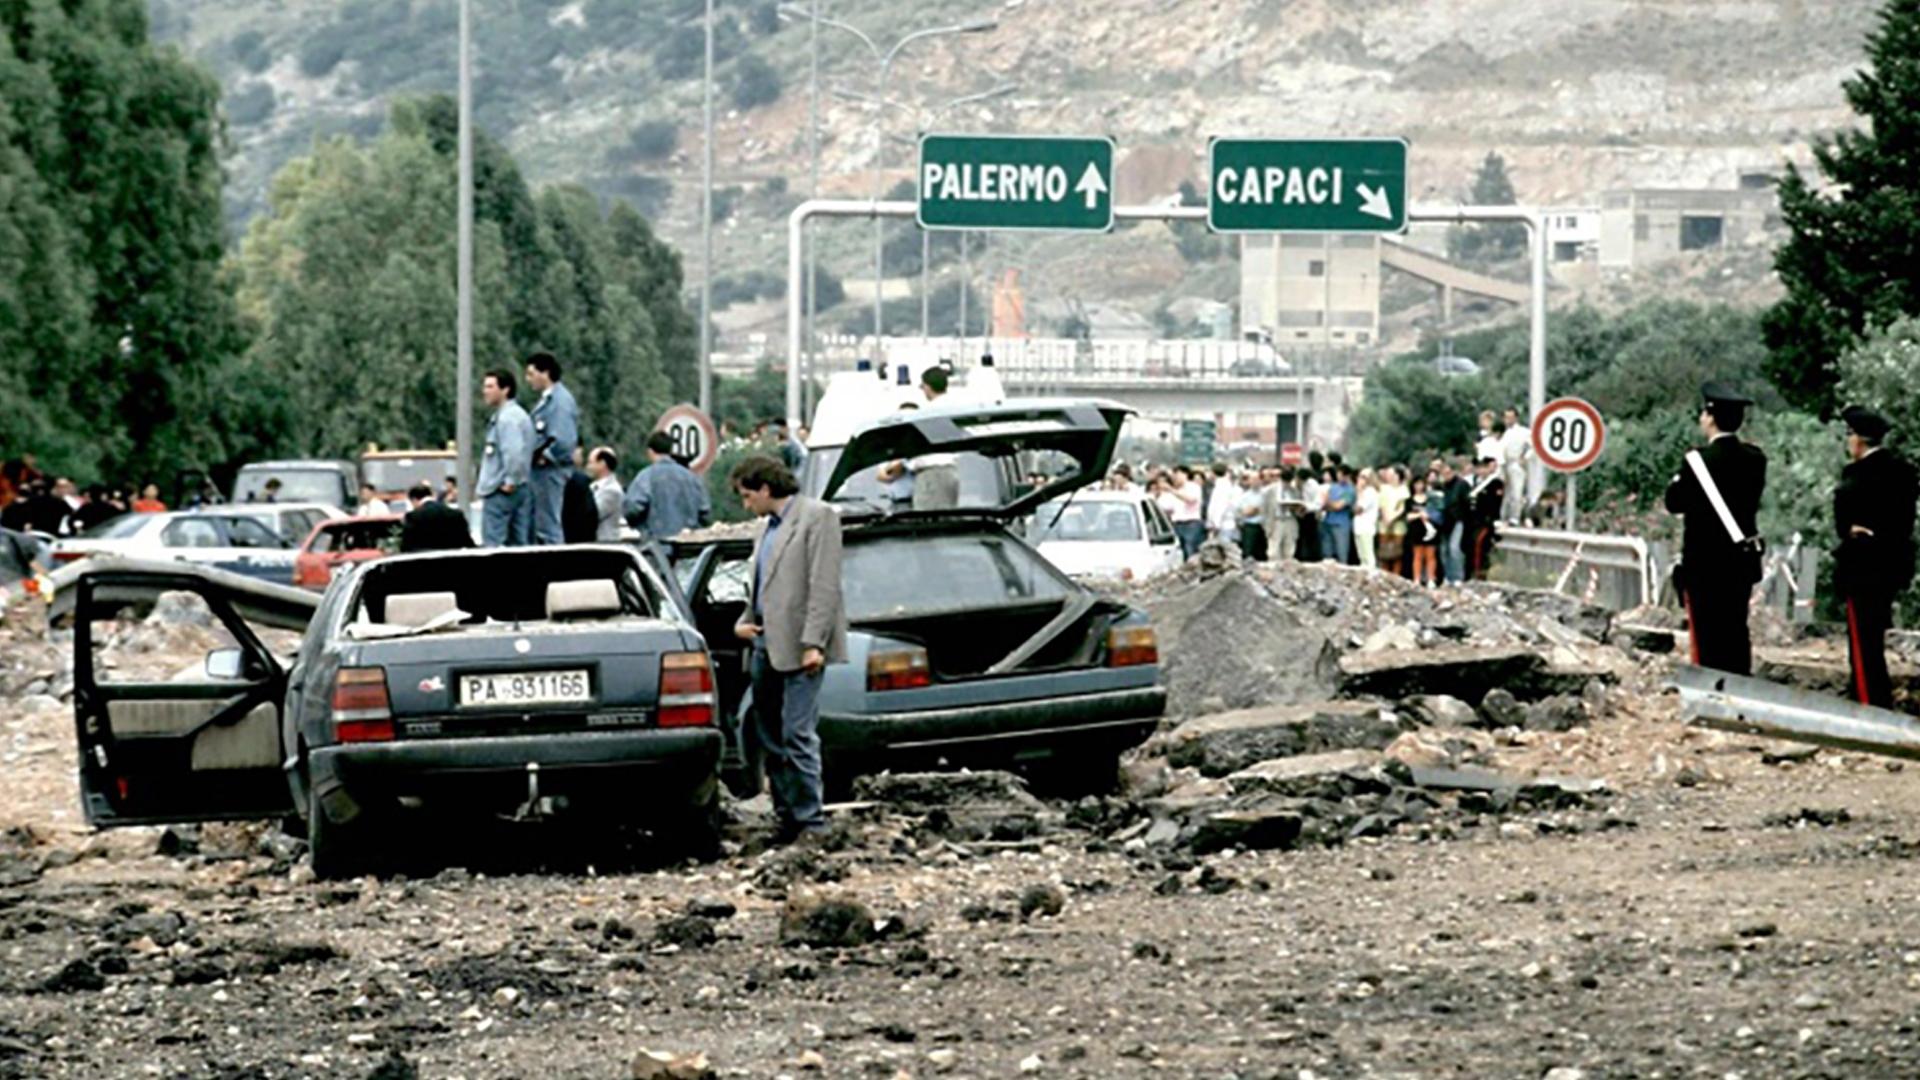 La strage di Capaci: l'attentato in cui perse la vita Giovanni Falcone